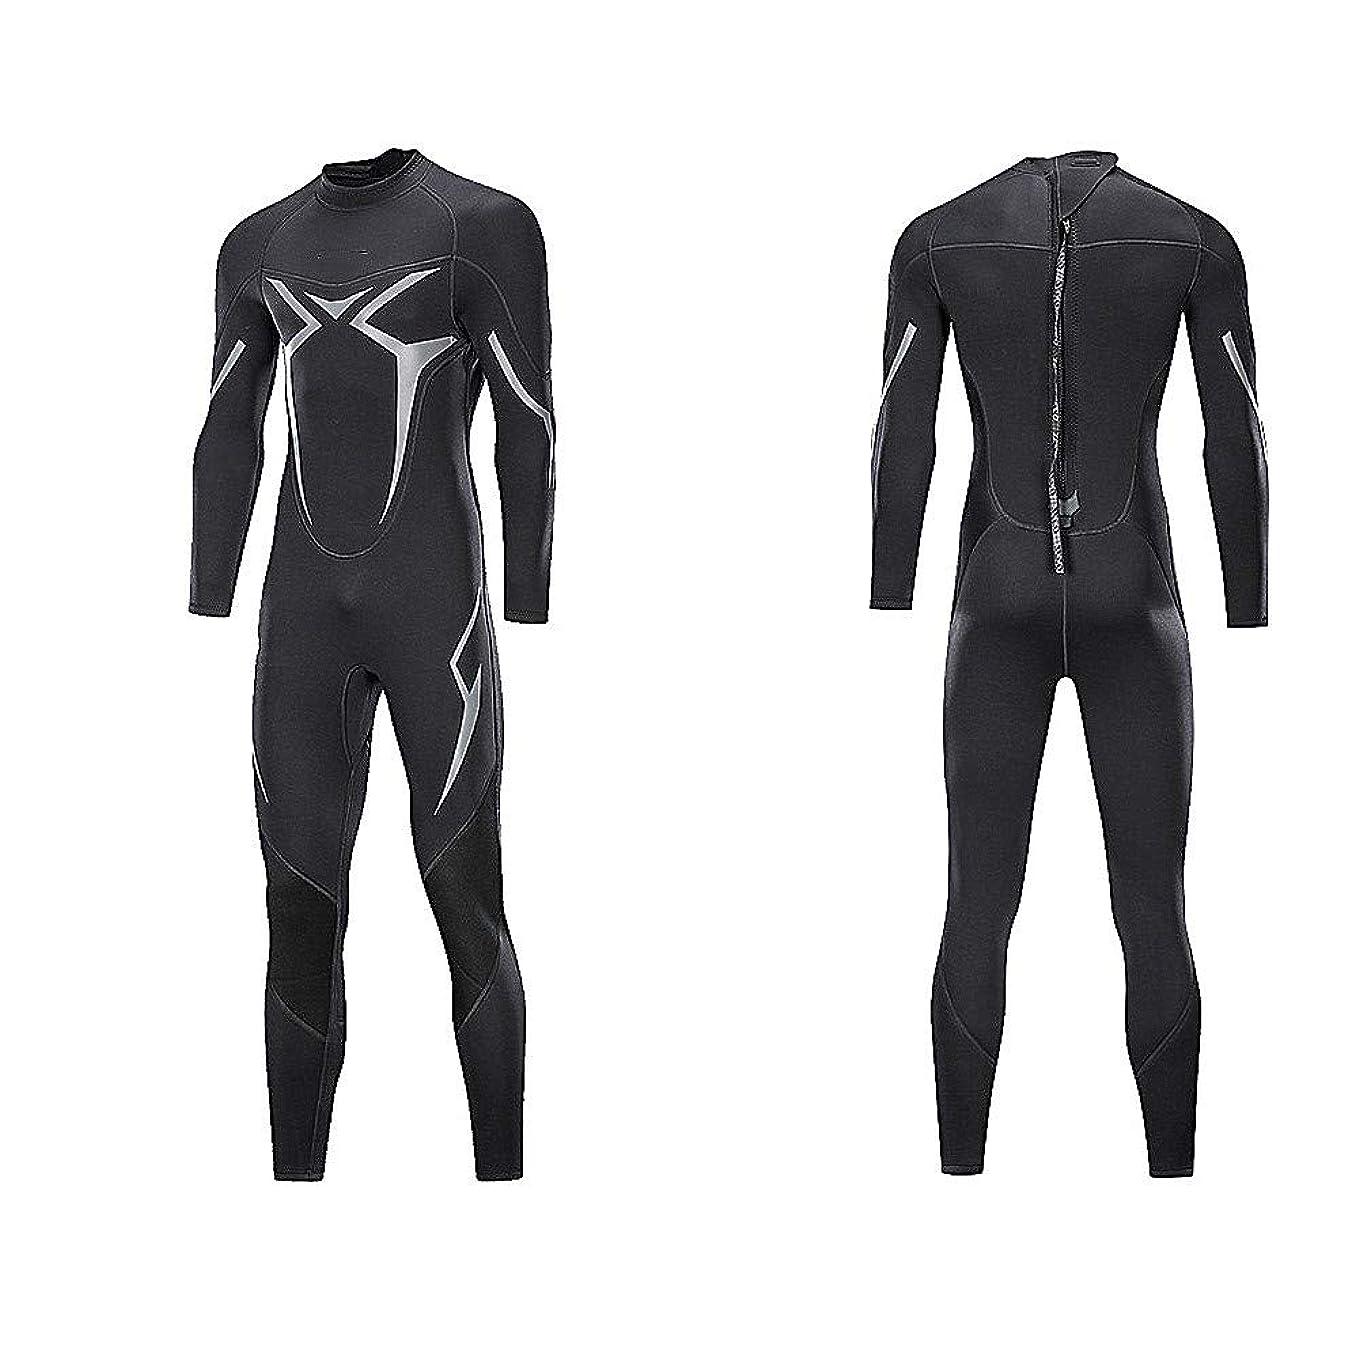 署名汚物ハンドブックメンズウェットスーツ、ワンピースウェットスーツ3ミリメートルプレミアムネオプレンフルスリーブダイビングスキンダイビングスーツウォームバックジップスイミング用ウォータースポーツ